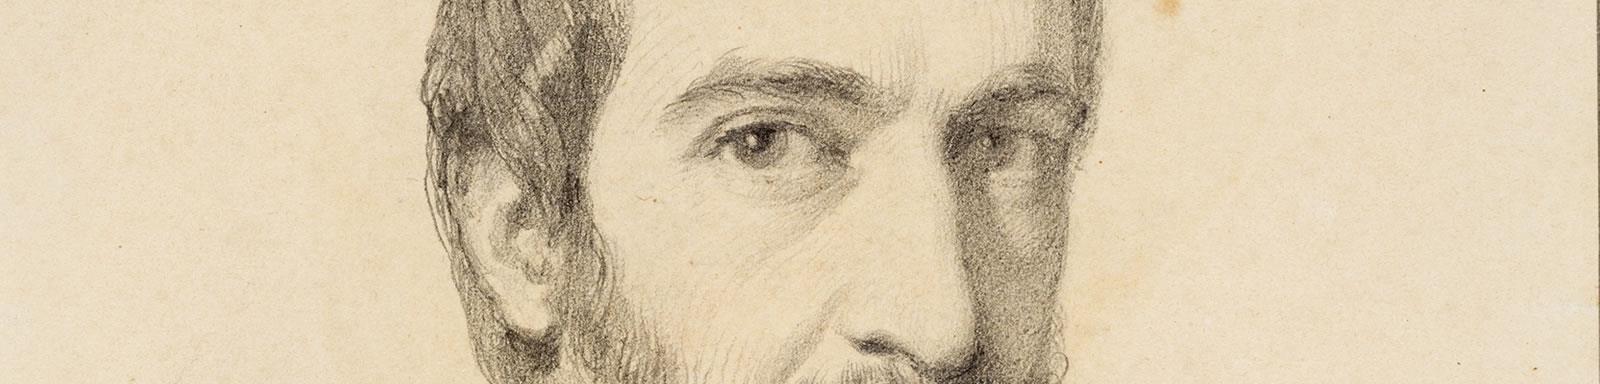 Ribera y Fieve, Carlos Luis de